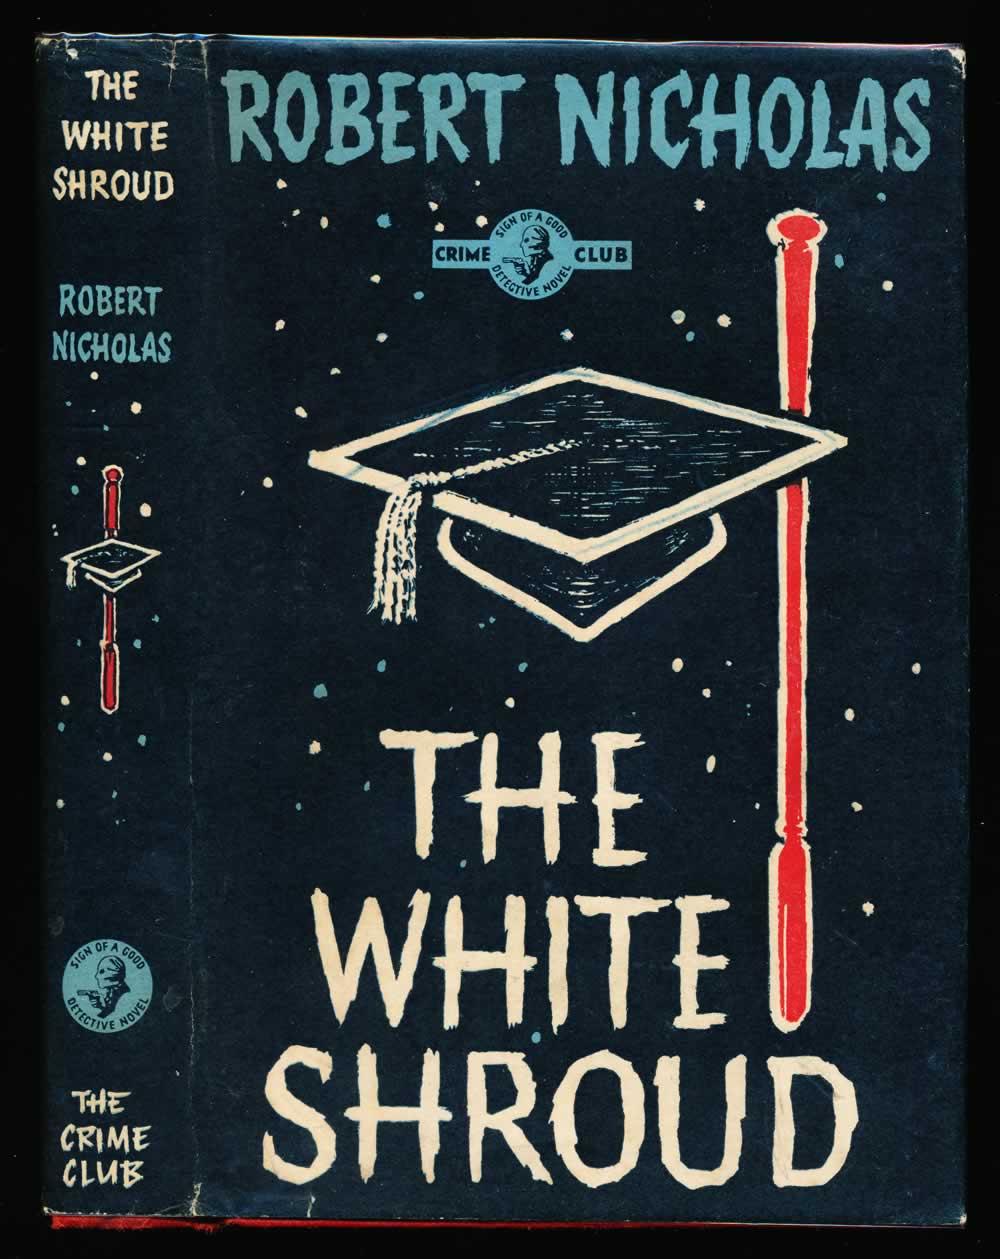 The white shroud